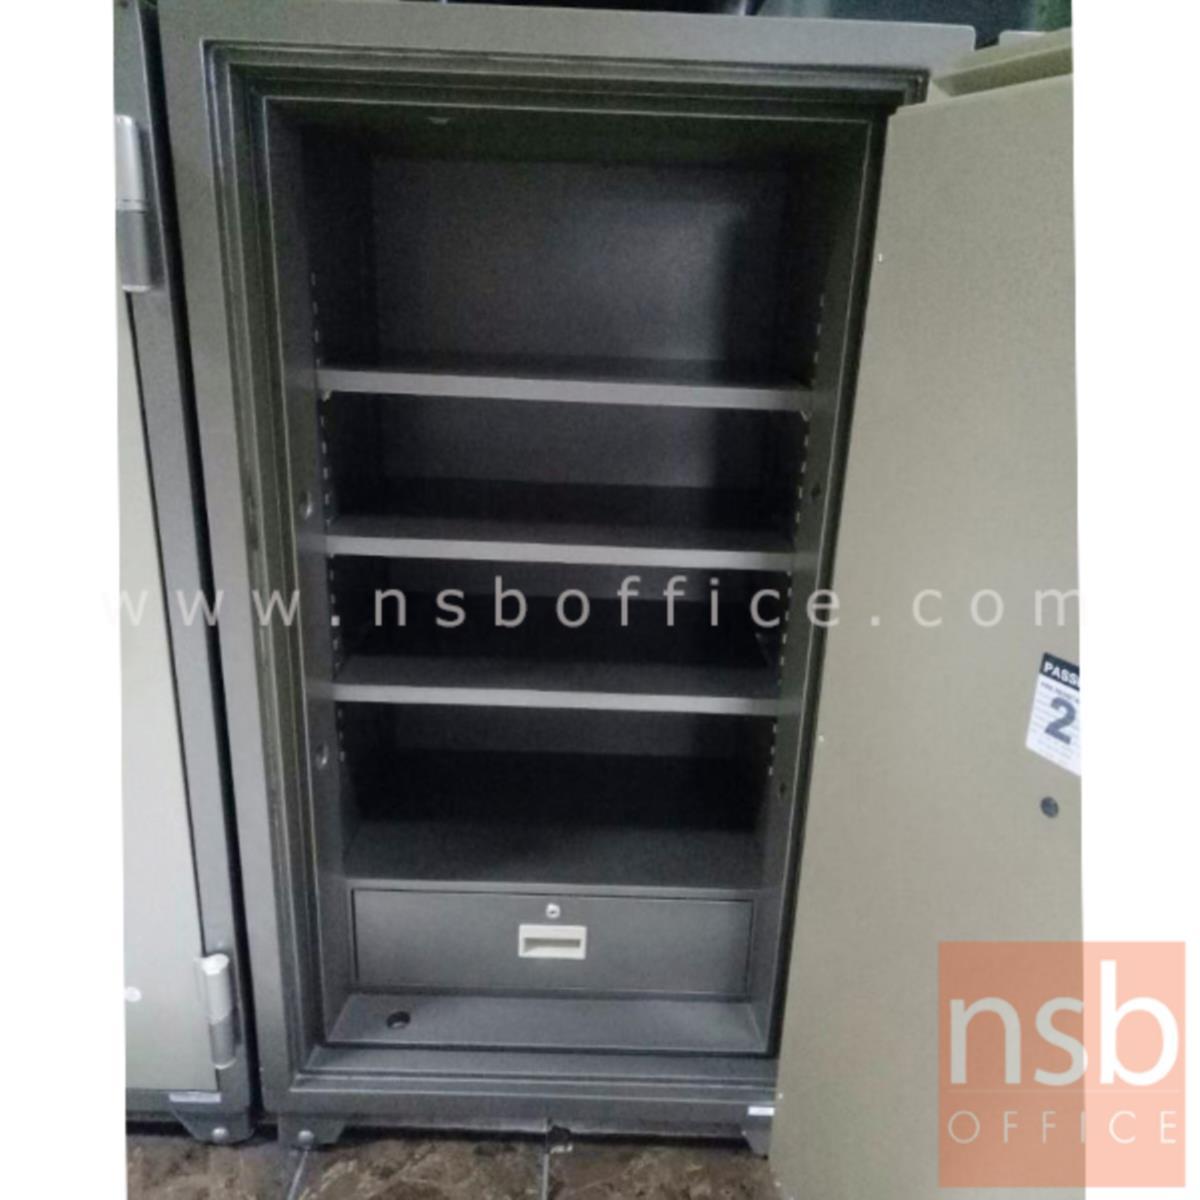 ตู้เซฟนิรภัยชนิดดิจิตอล 250 กก.  รุ่น PRESIDENT-SB50D   มี 1 กุญแจ 1 รหัส (รหัสใช้กดหน้าตู้)